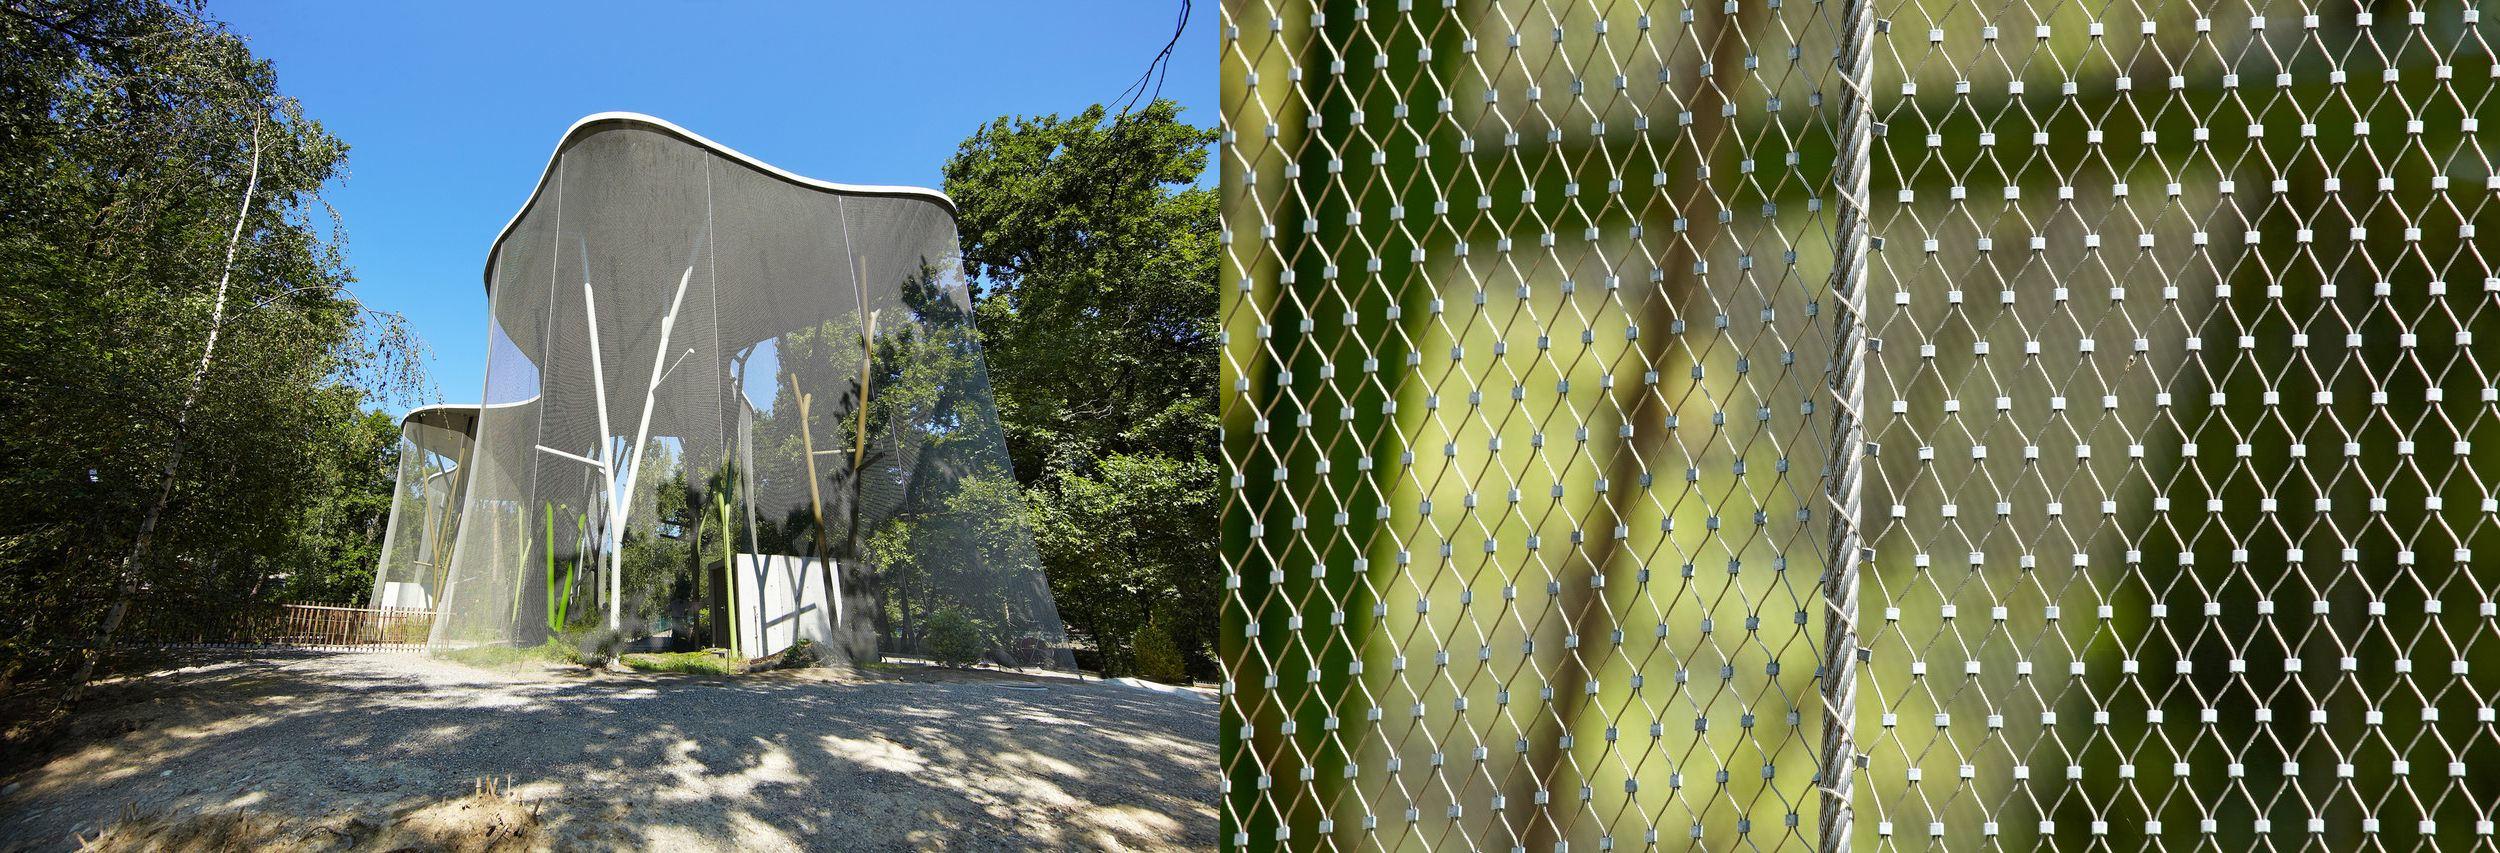 Aviary Mesh Enclosure Jakob Webnet